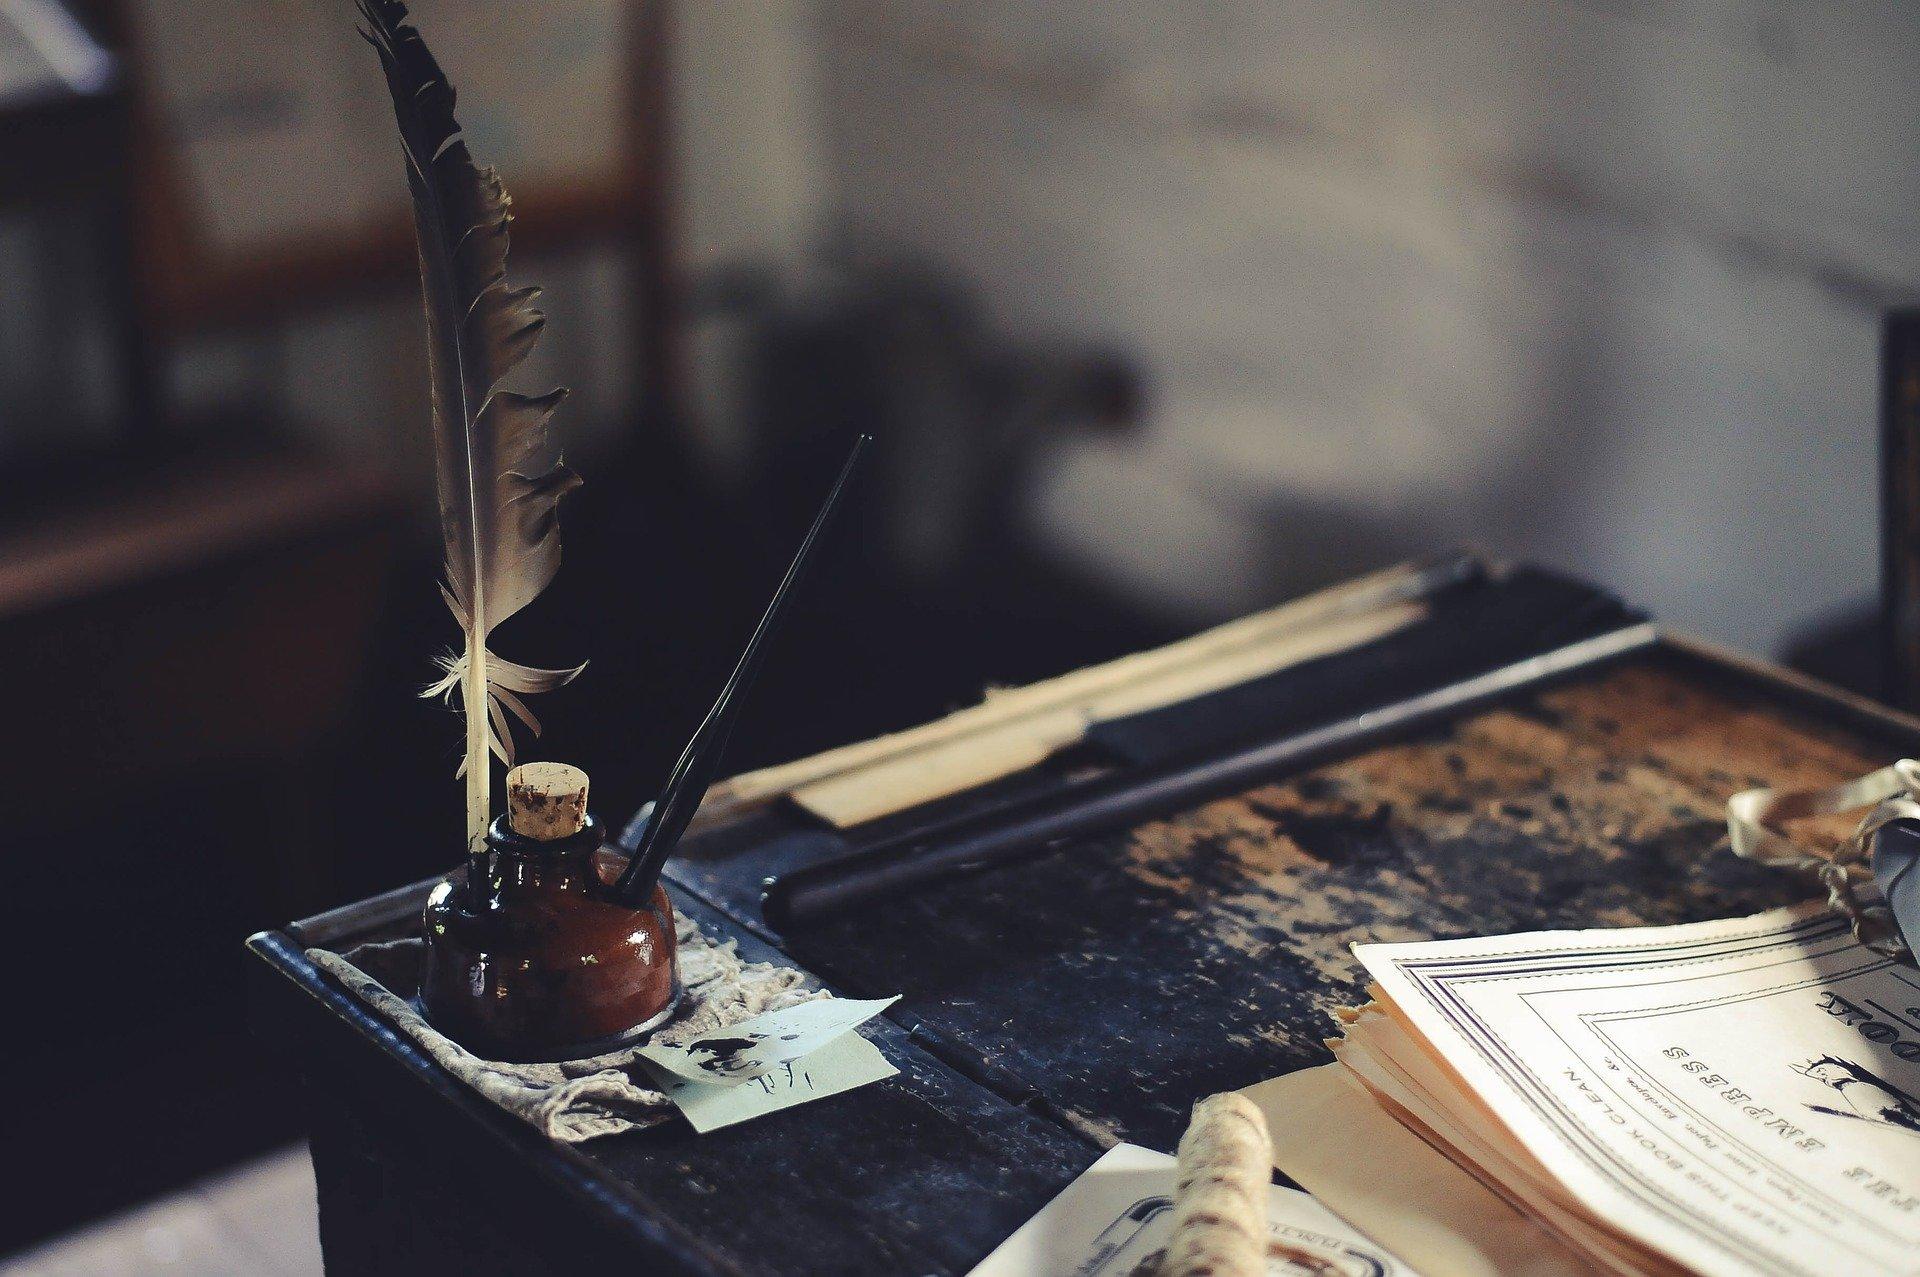 Sumber :https://pixabay.com/id/photos/meja-tulis-tinta-pendidikan-kertas-1869579/